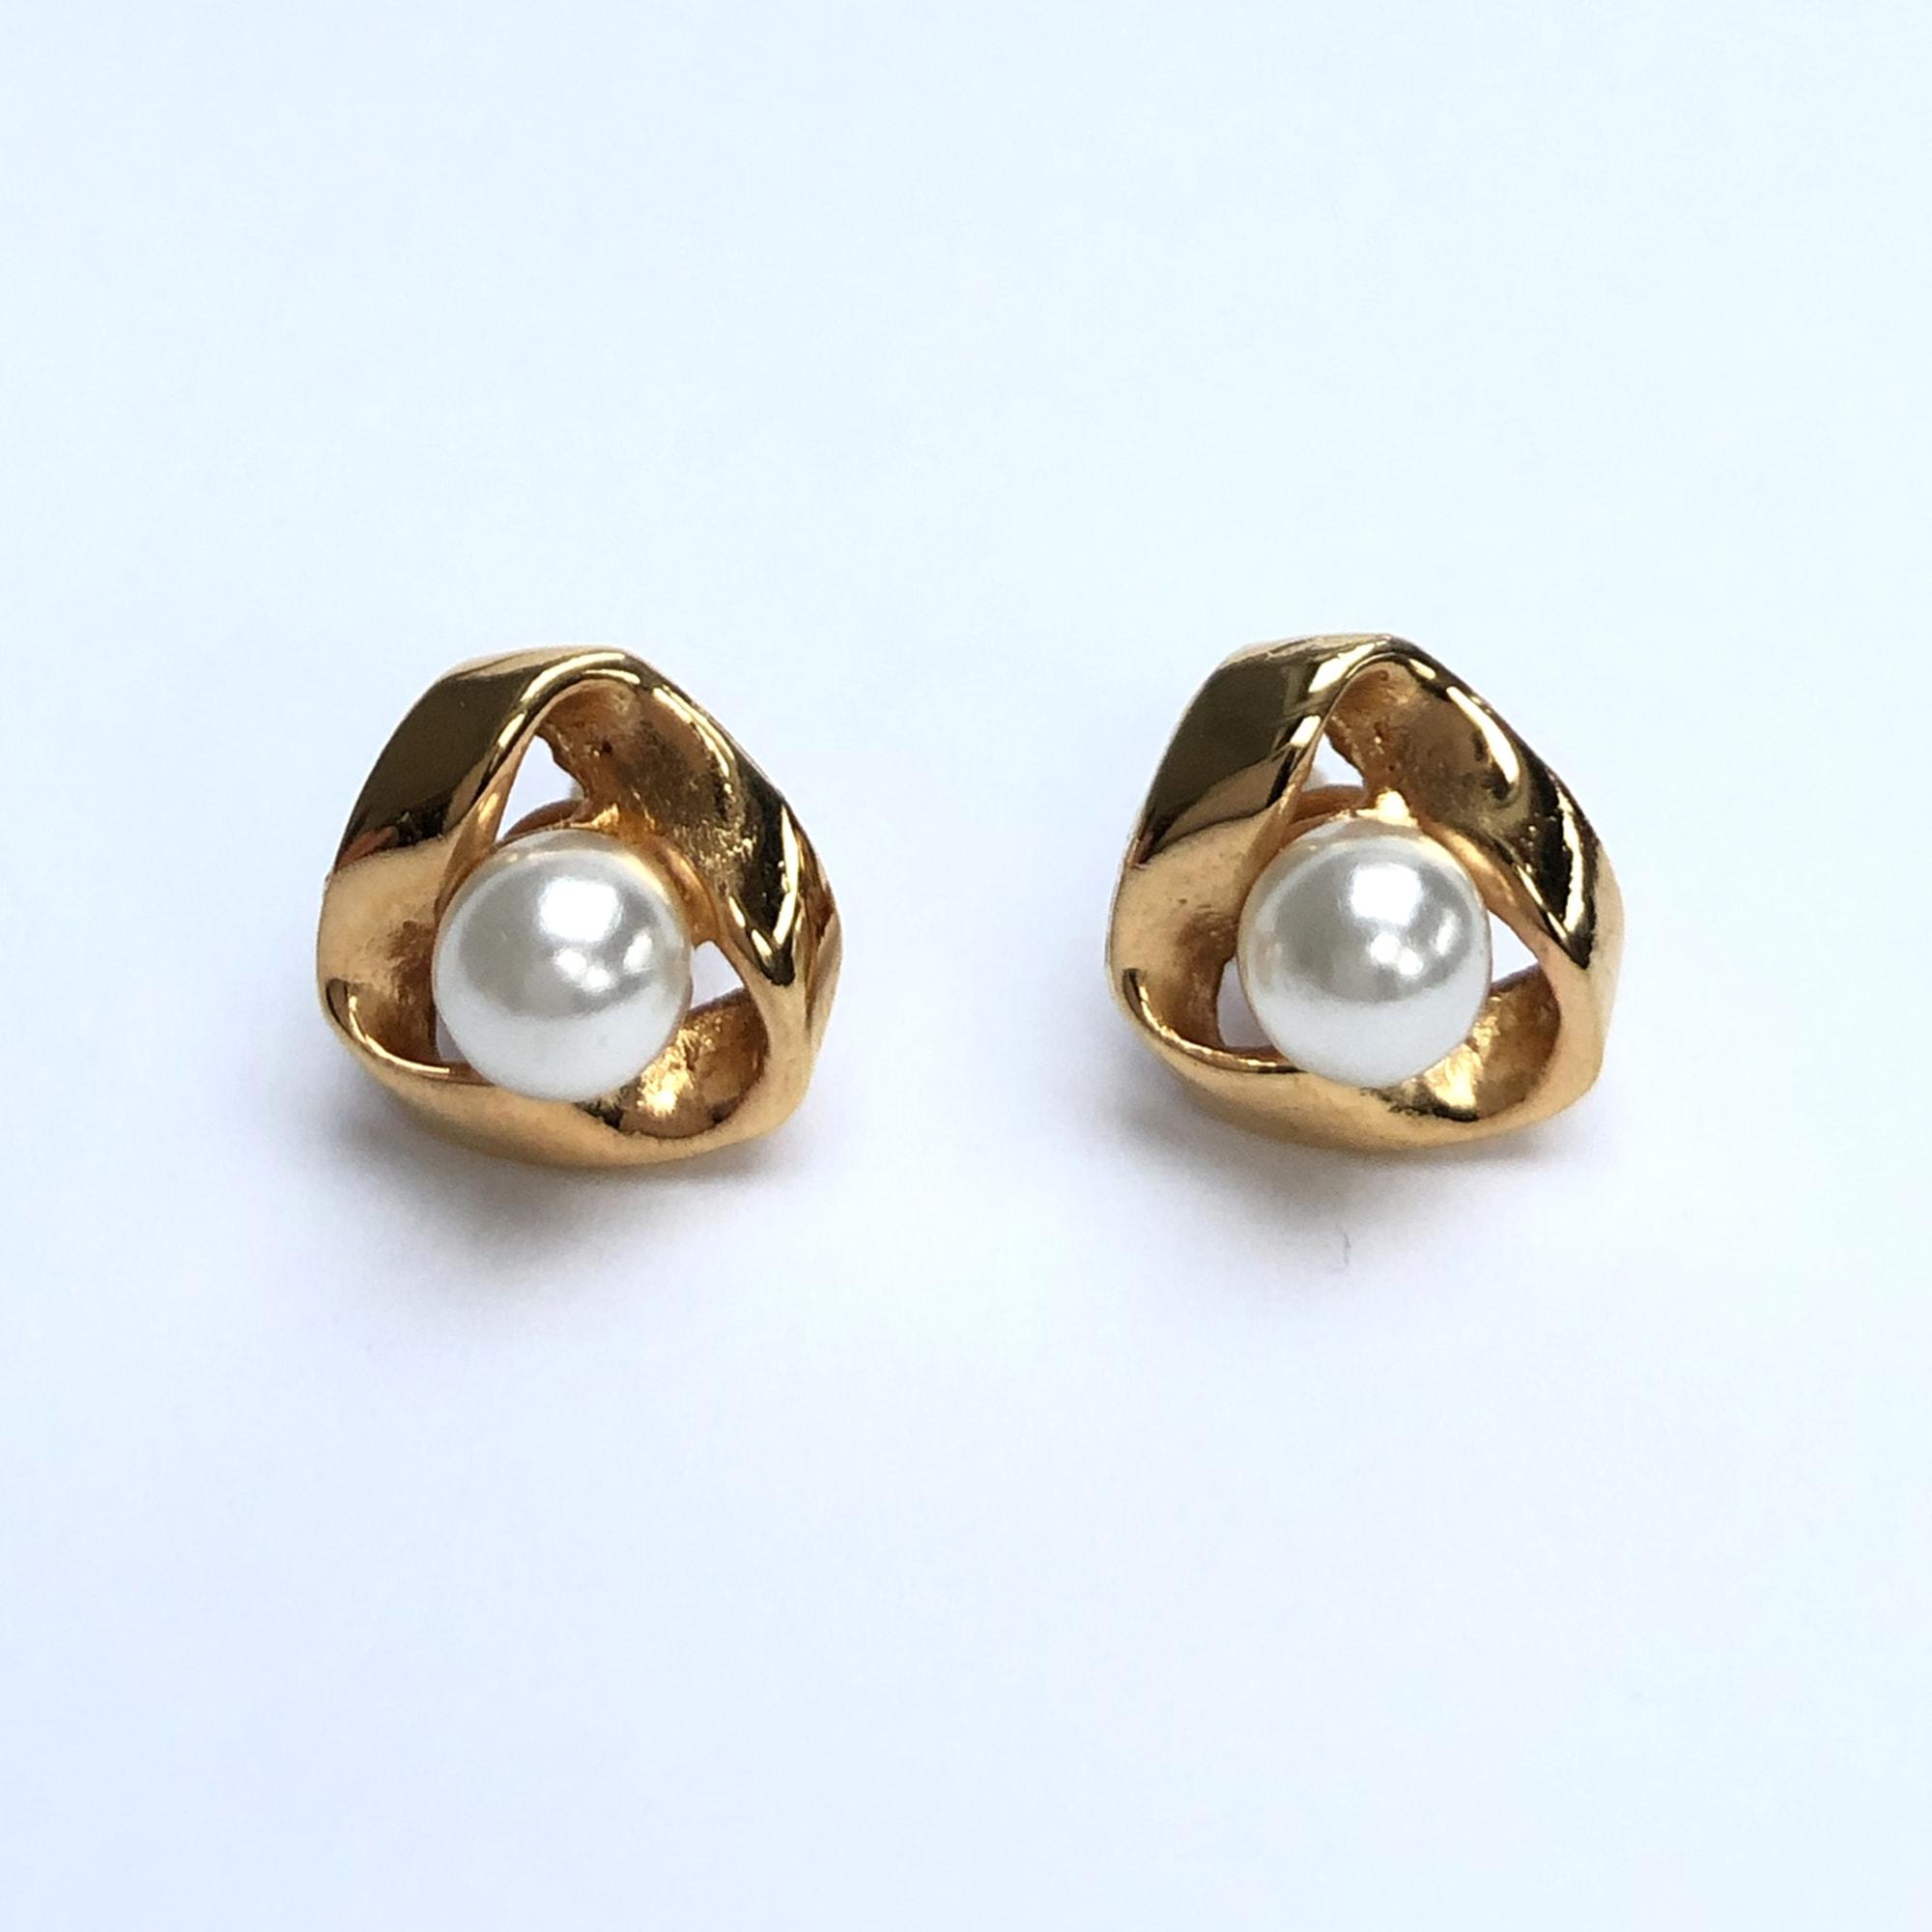 Boucles d'oreille MARQUE INCONNUE Doré, bronze, cuivre